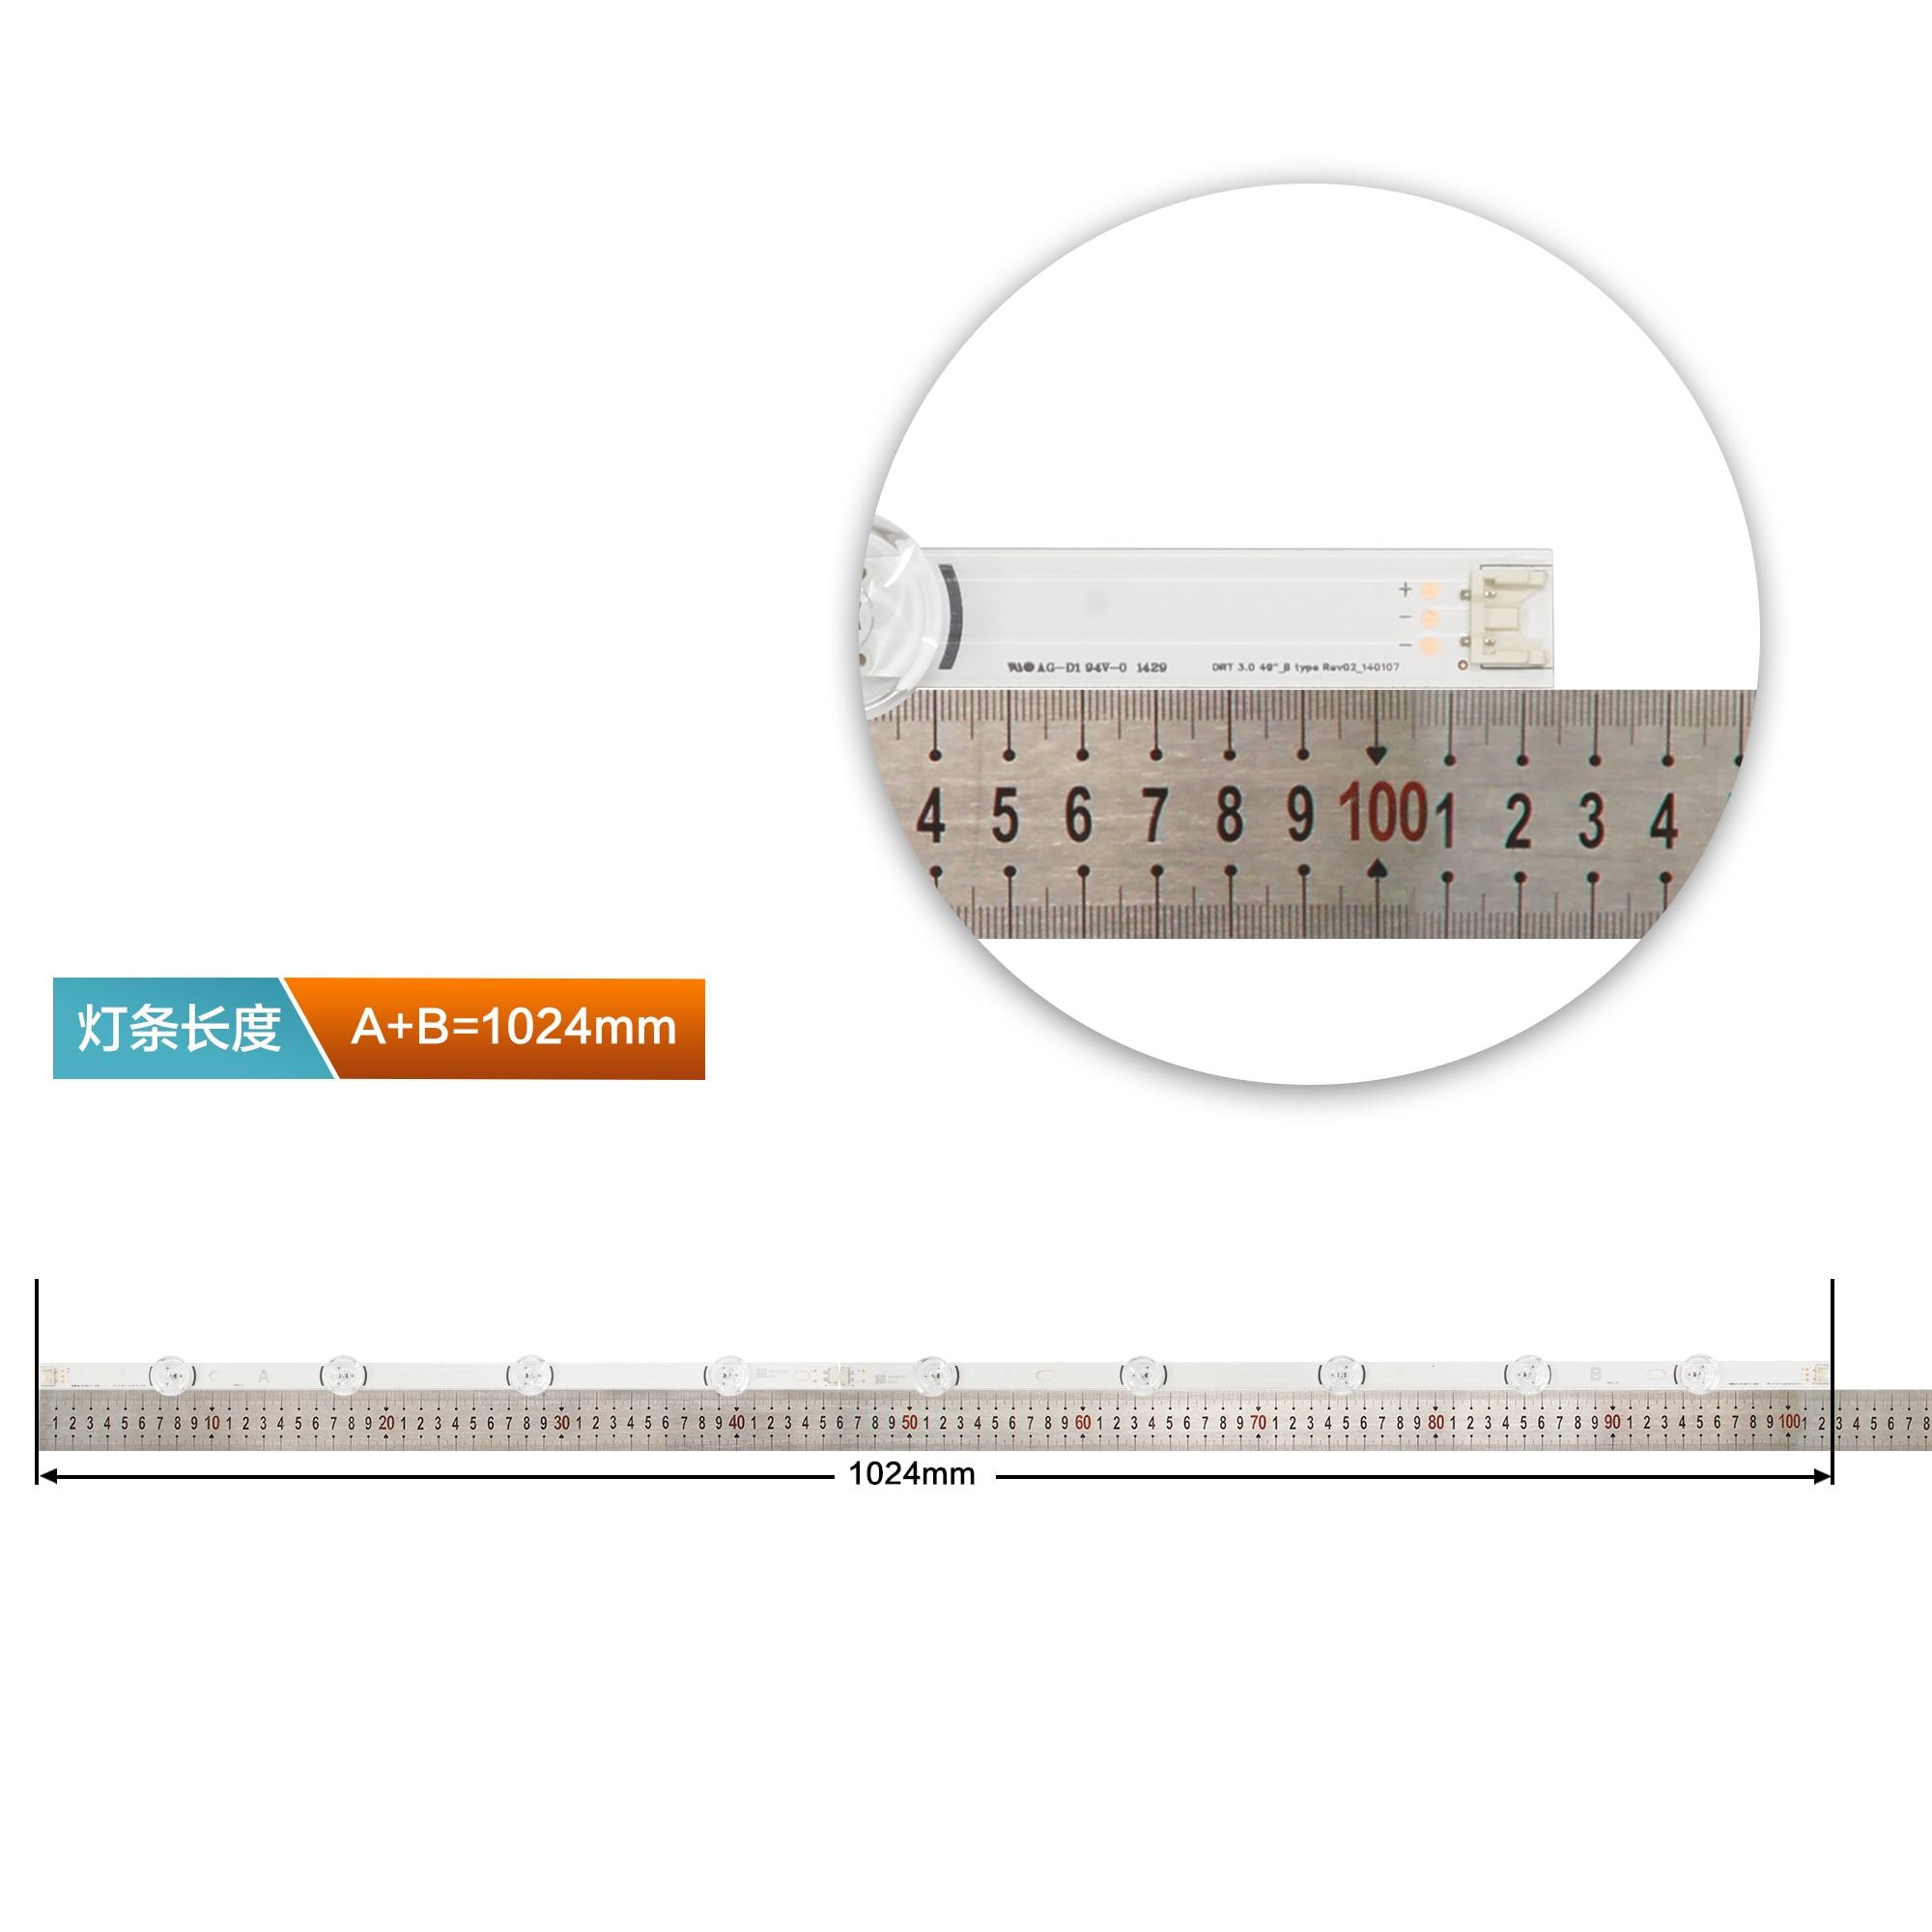 Image 2 - 1025 мм светодиодный Подсветка подсветка полосы 9 светодиодный s  для LG 49LB620V Innotek DRT 3,0 49 A B 49LB552 49LB629V 6916l 1788A  1789A 49LF620V 49UF6430Промышленный компьютер и аксессуары   -